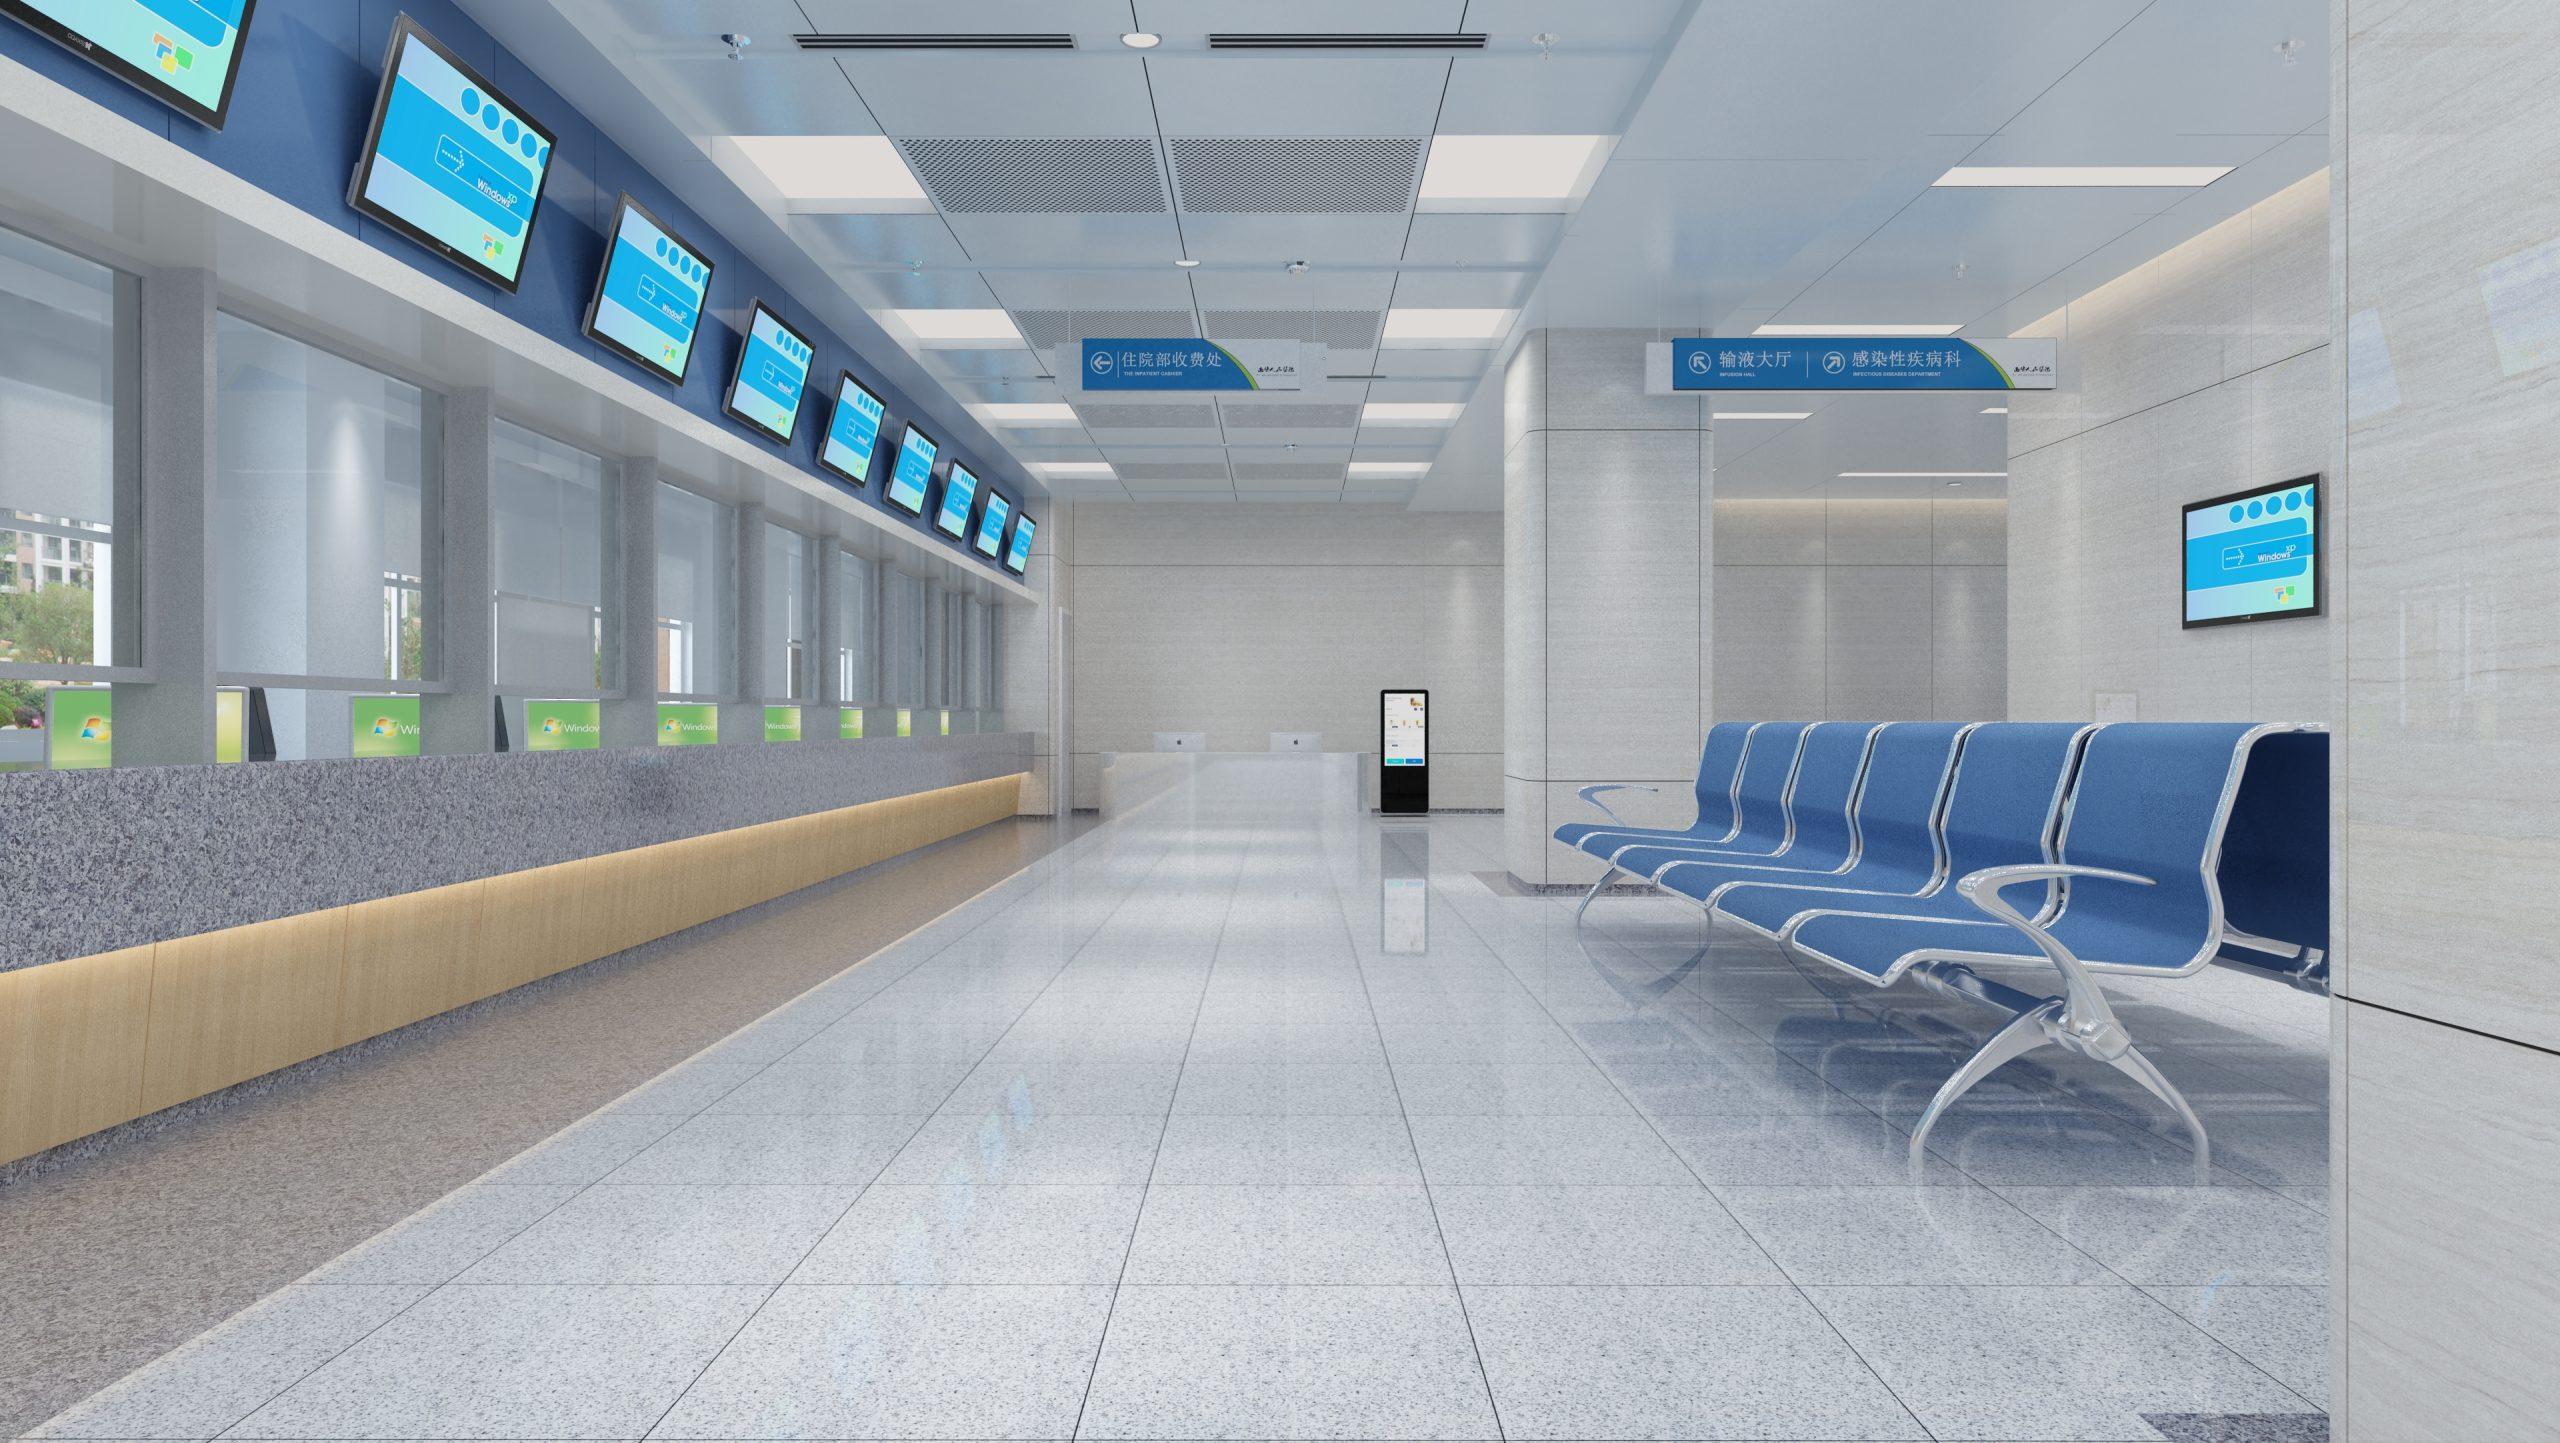 图片包含 室内, 飞机场, 建筑, 行李  描述已自动生成